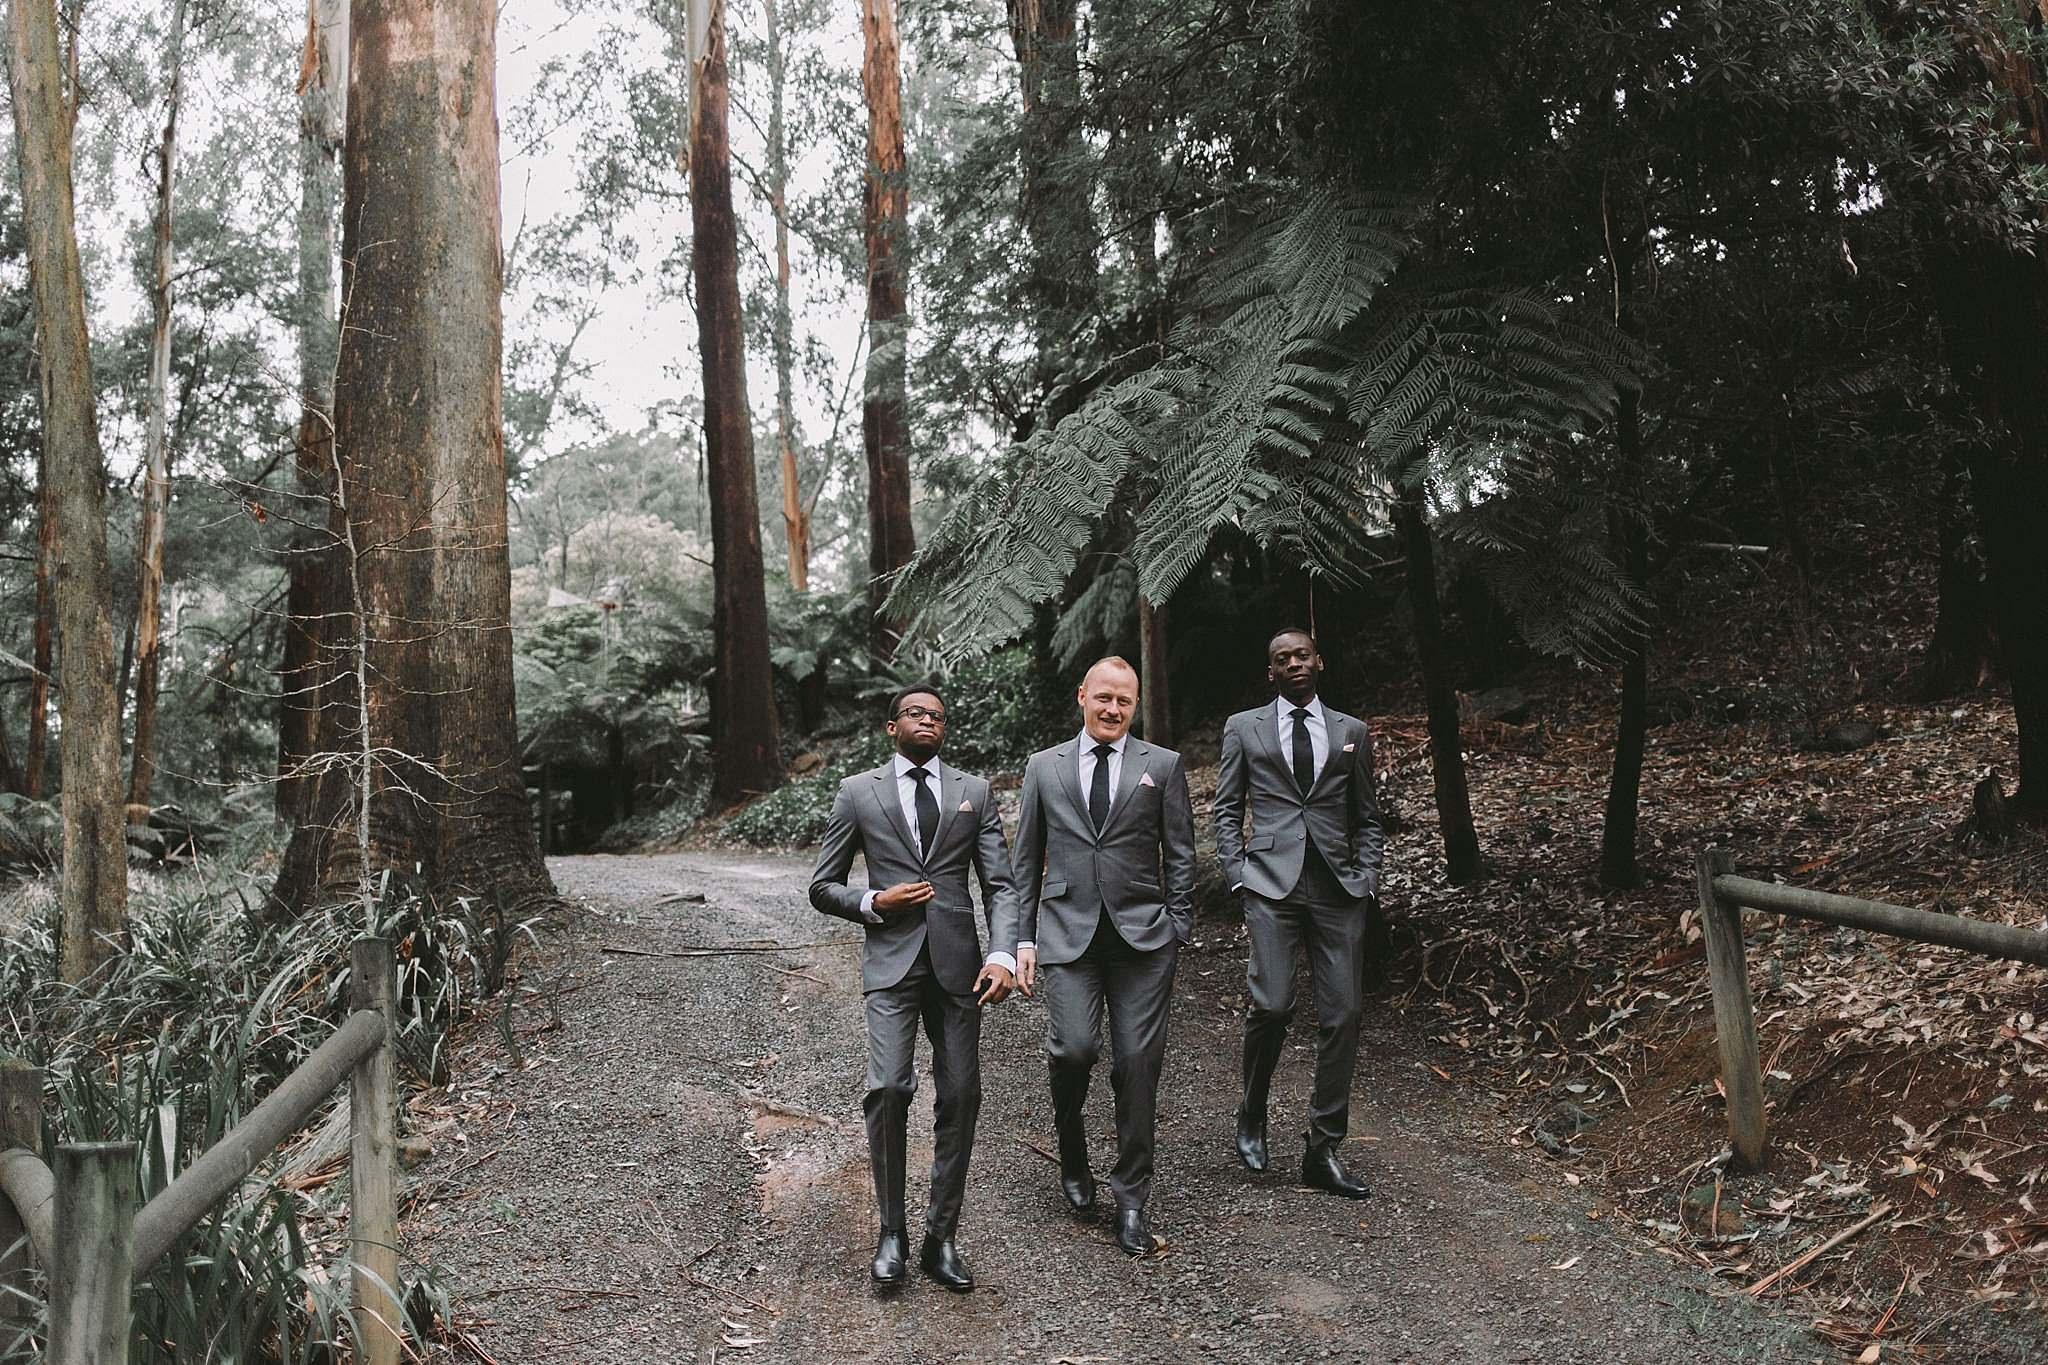 Tatra Dandenong Wedding Photography Natural Candid (27).JPG